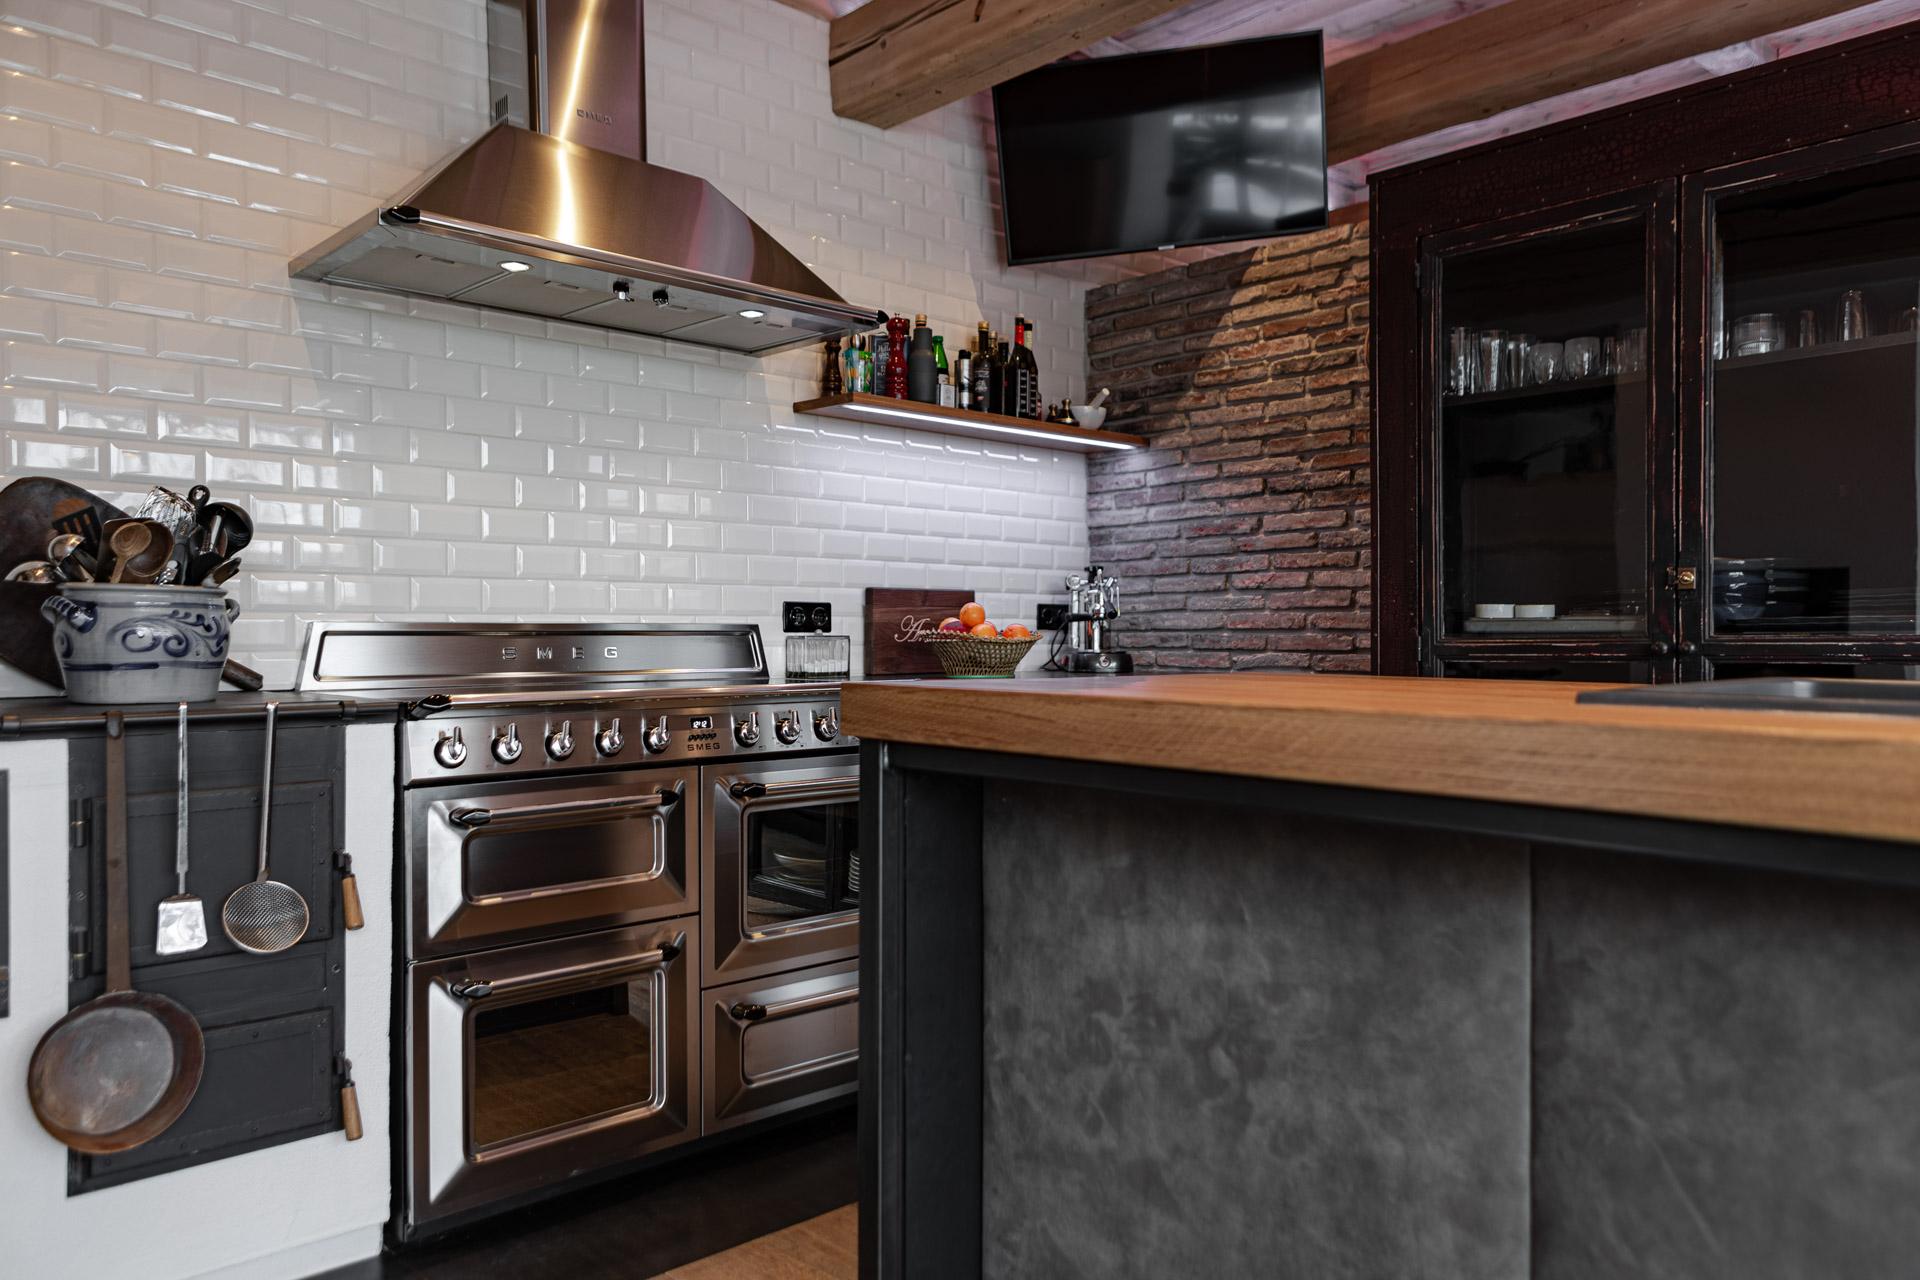 Marchi Küche aus Italien mit kontrastreichen Farben. Dunstabzug aus Stahl